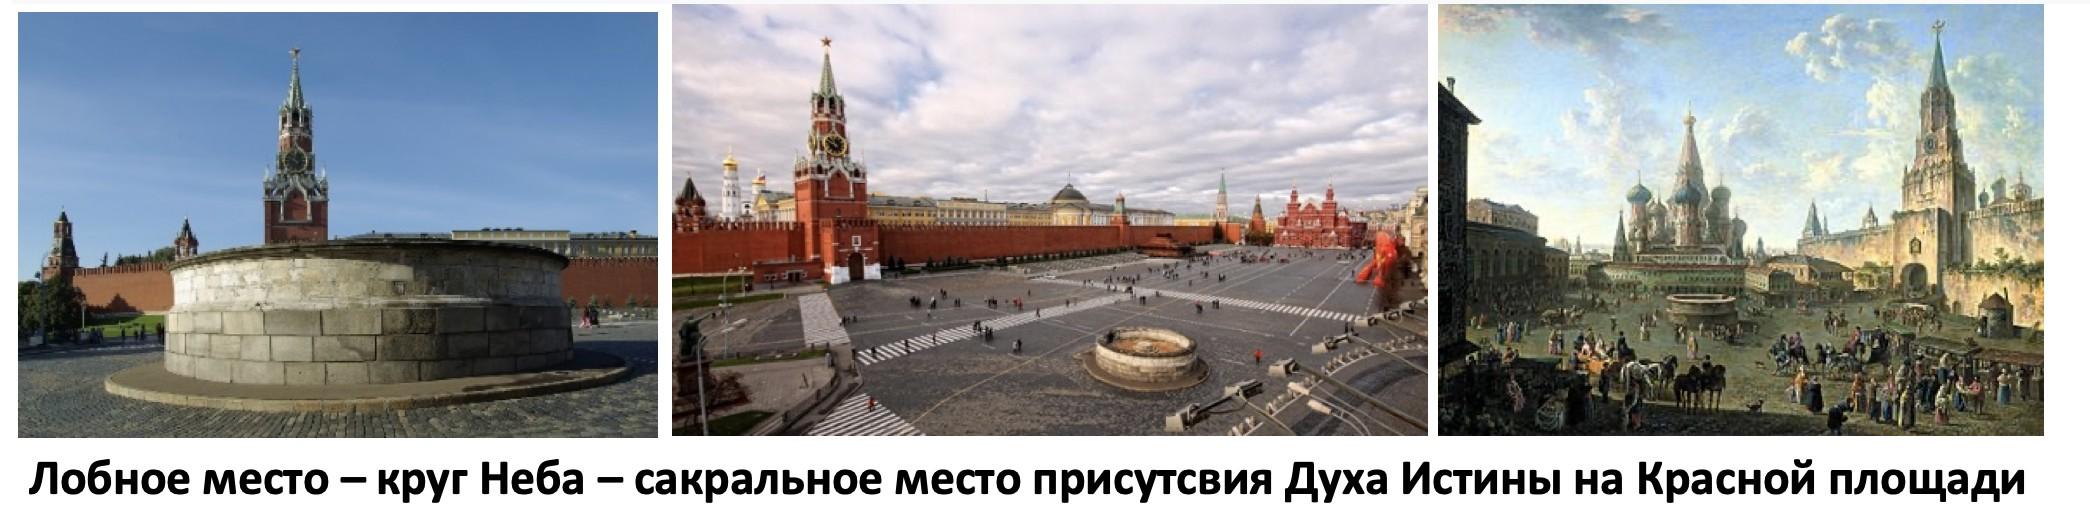 Лобное место круг Неба сакральное место присутствия Духа Истины на Красной площади